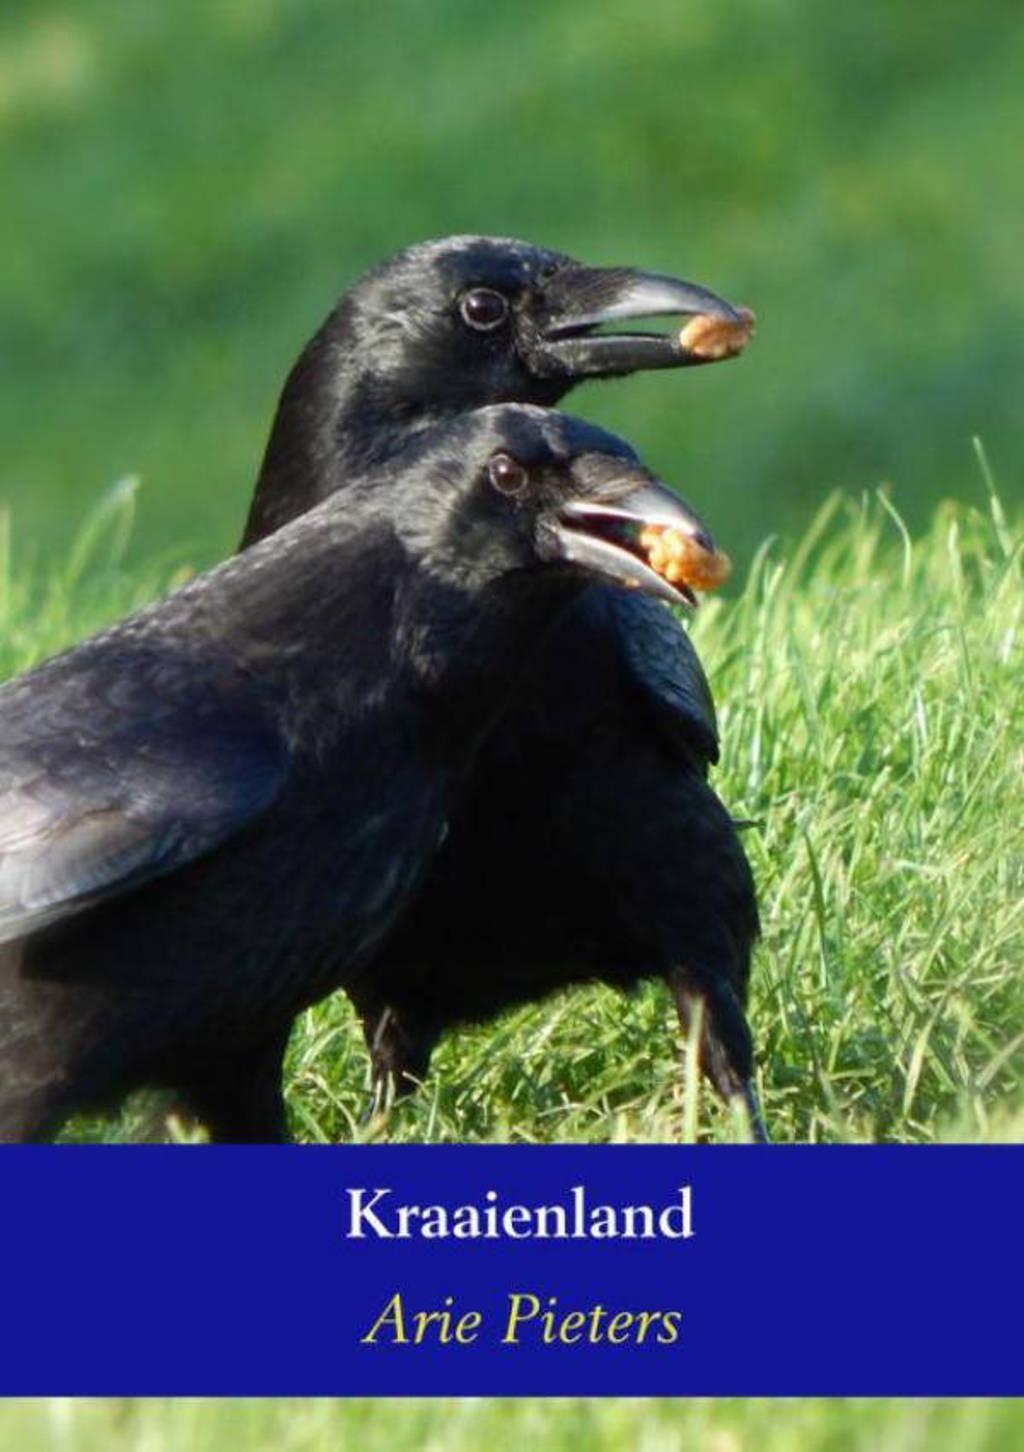 Kraaienland - Arie Pieters